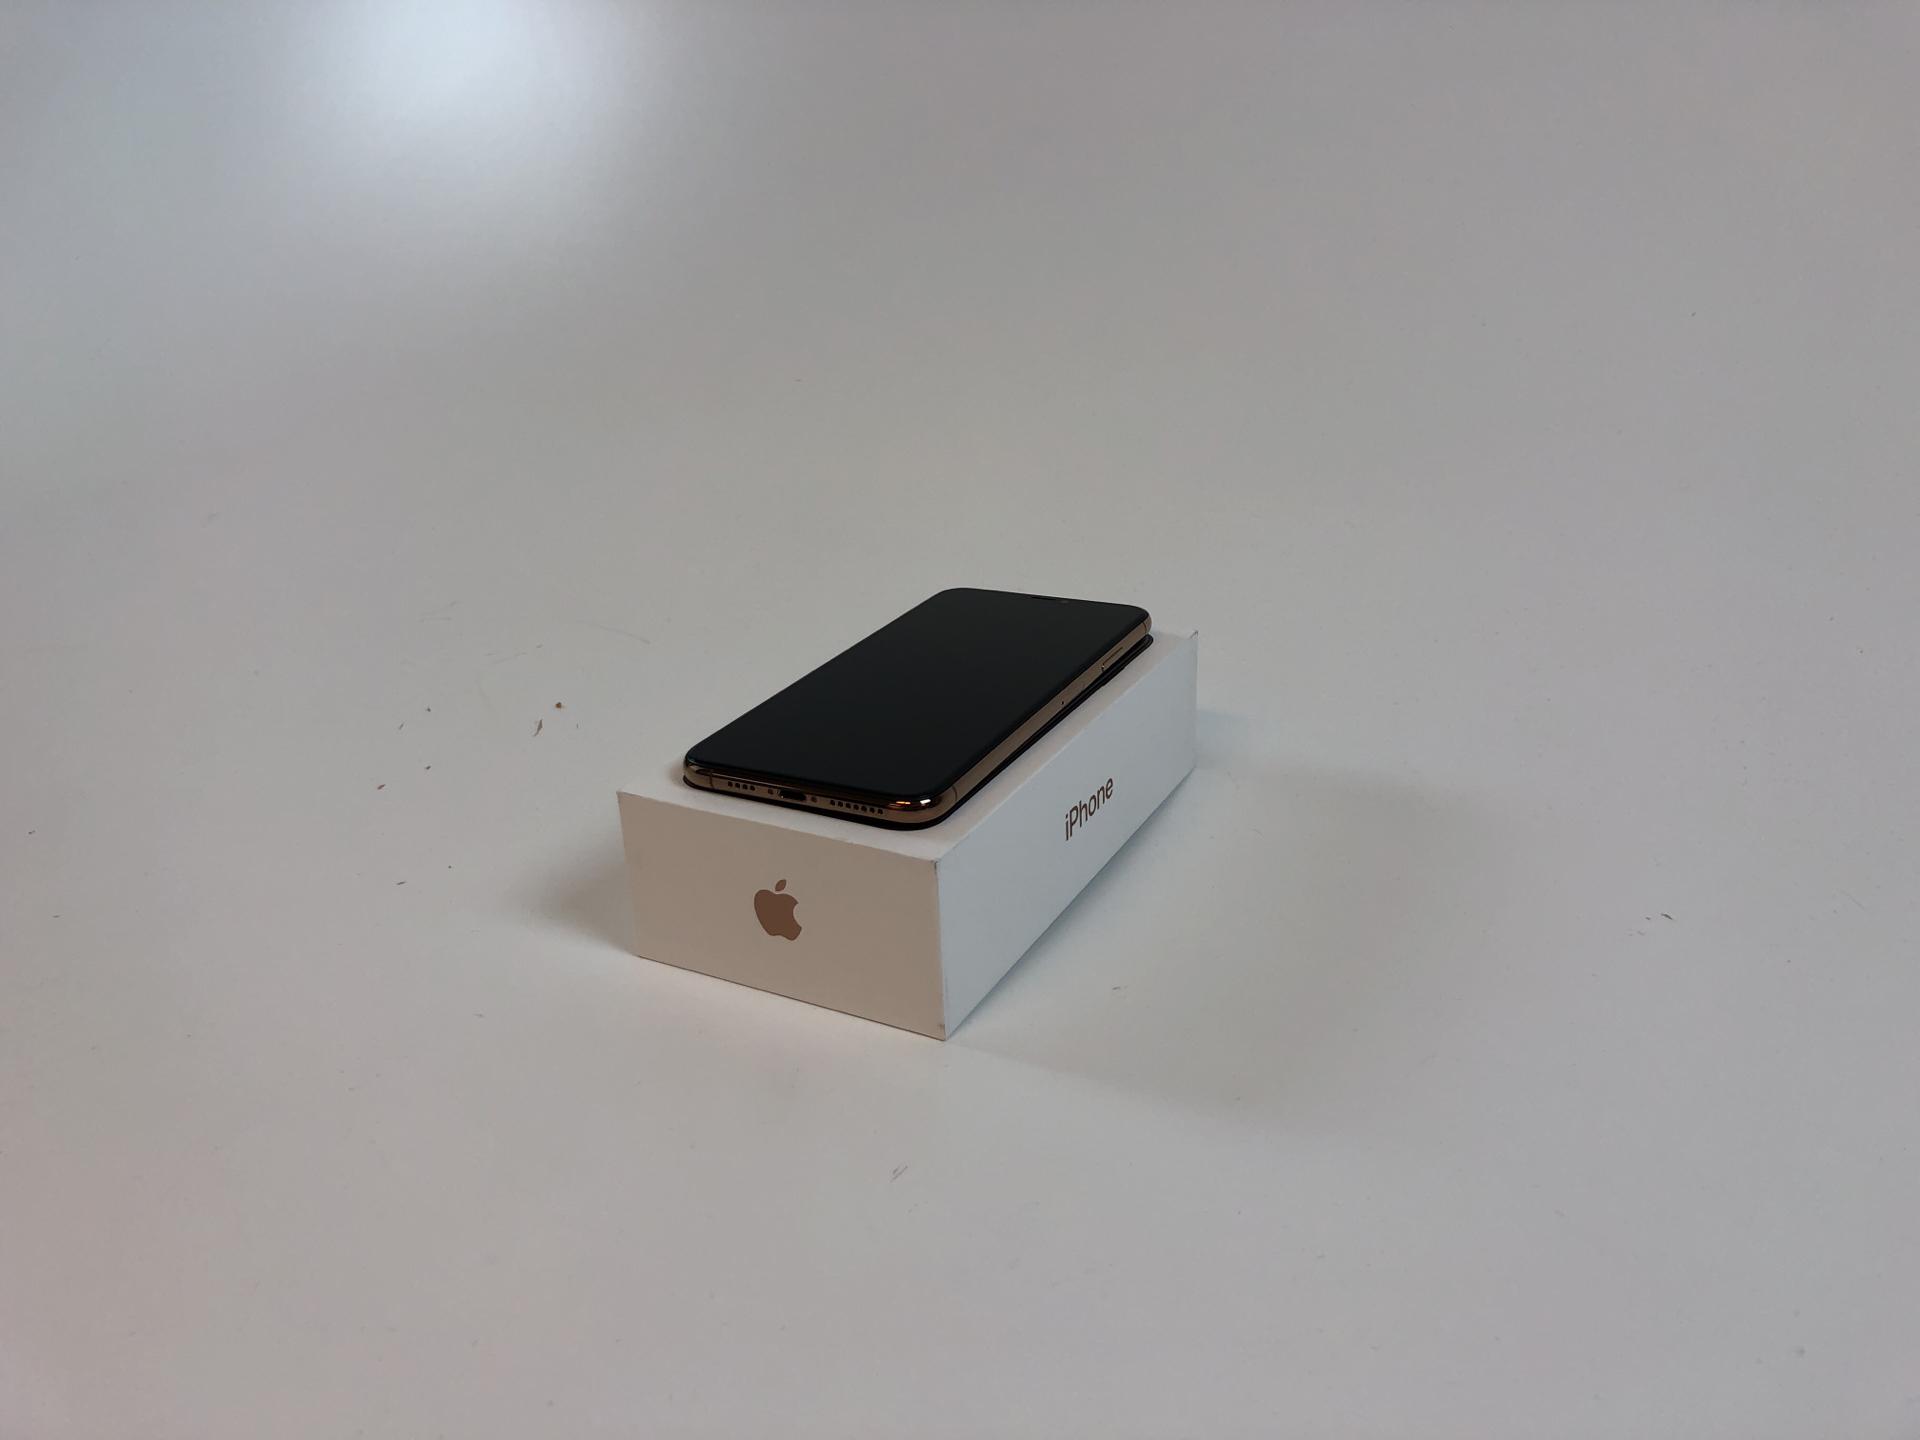 iPhone XS Max 64GB, 64GB, Gold, bild 3